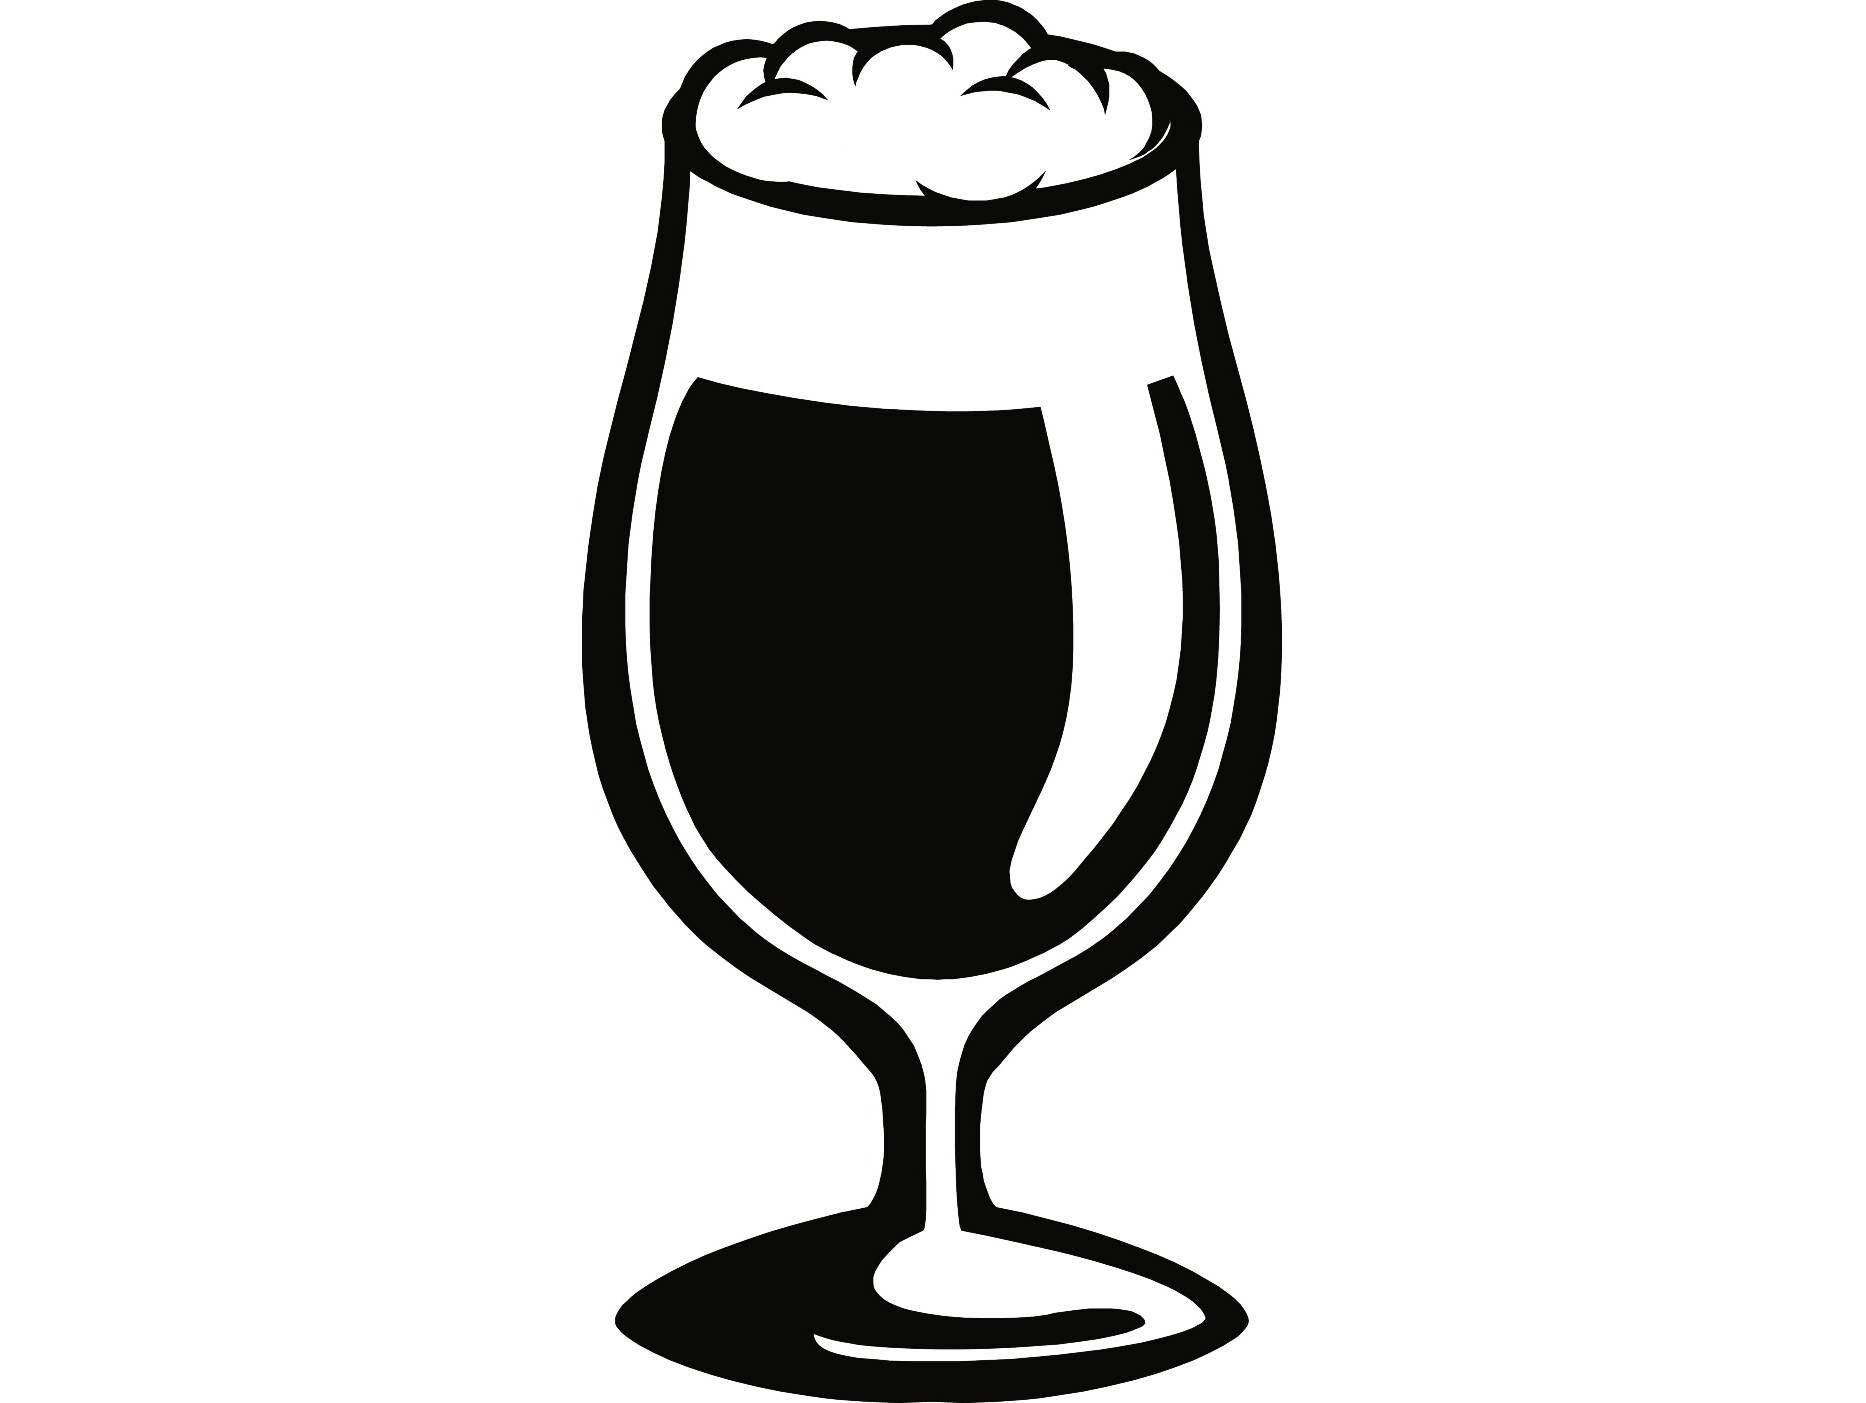 Beer Glass 3 Ale Suds Bar Pub Tavern Bartender Drink Alcohol